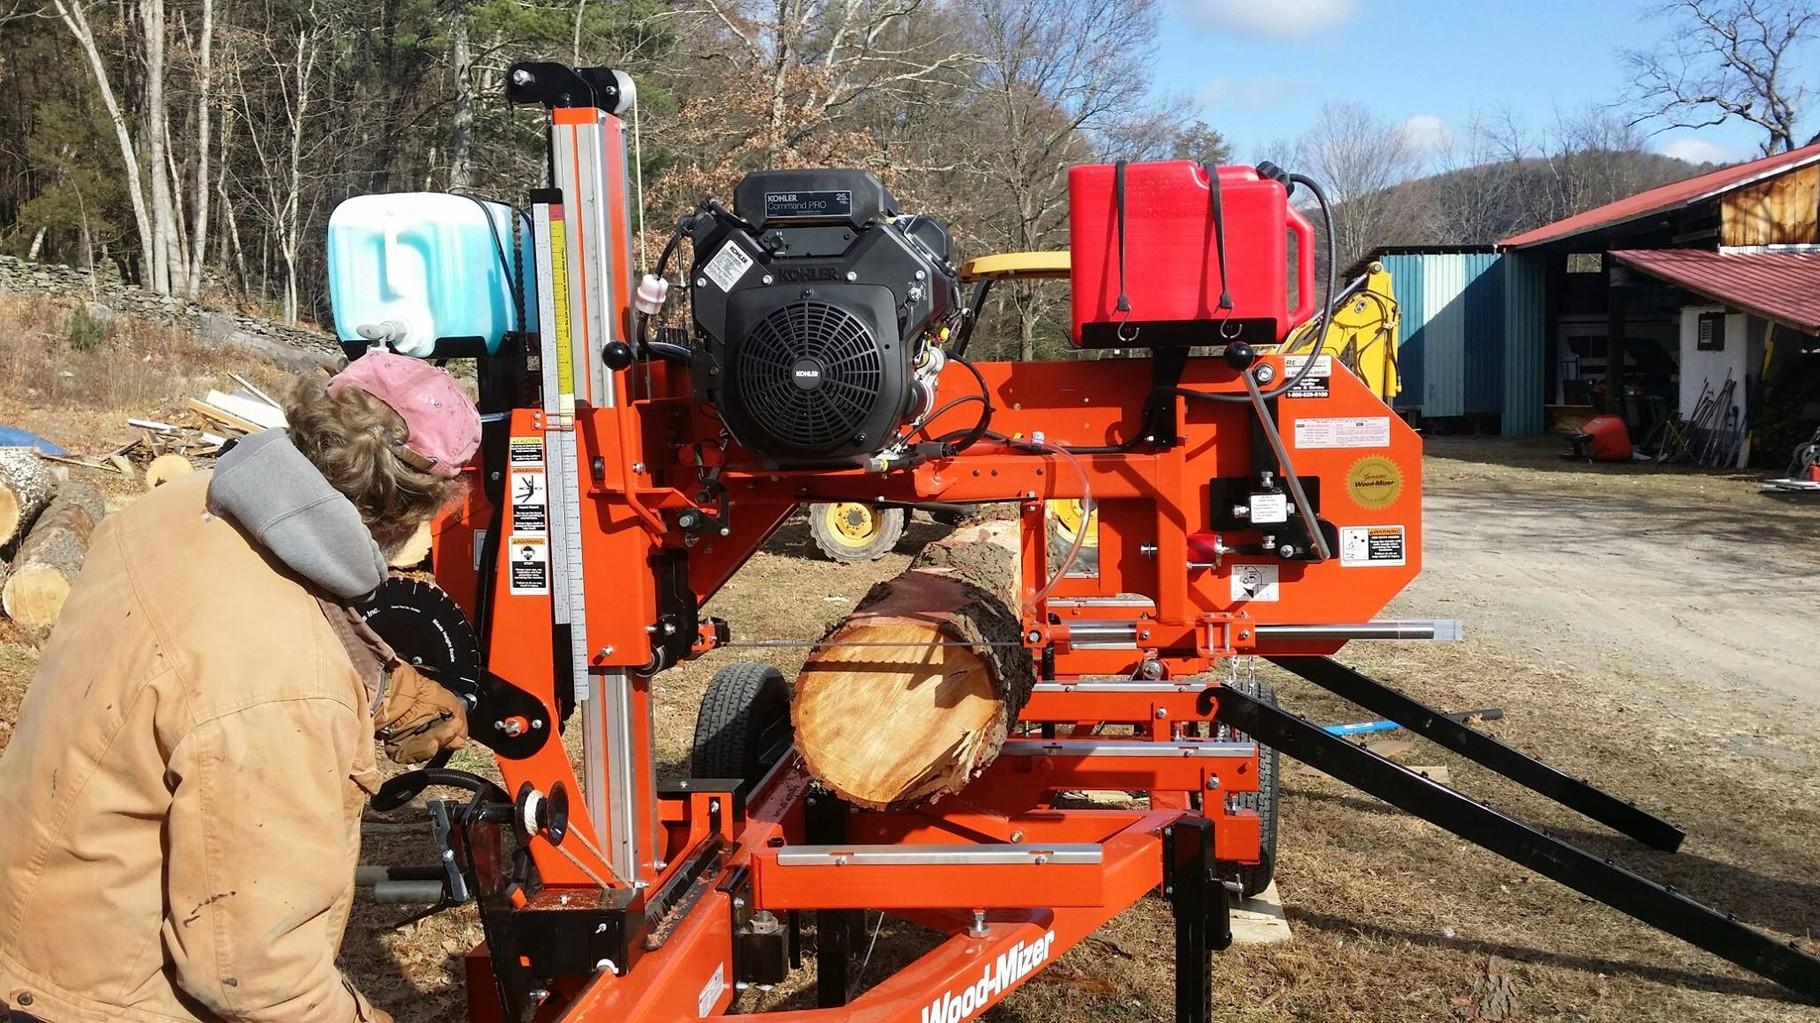 Bluestone's new Sawmill, the Woodmizer